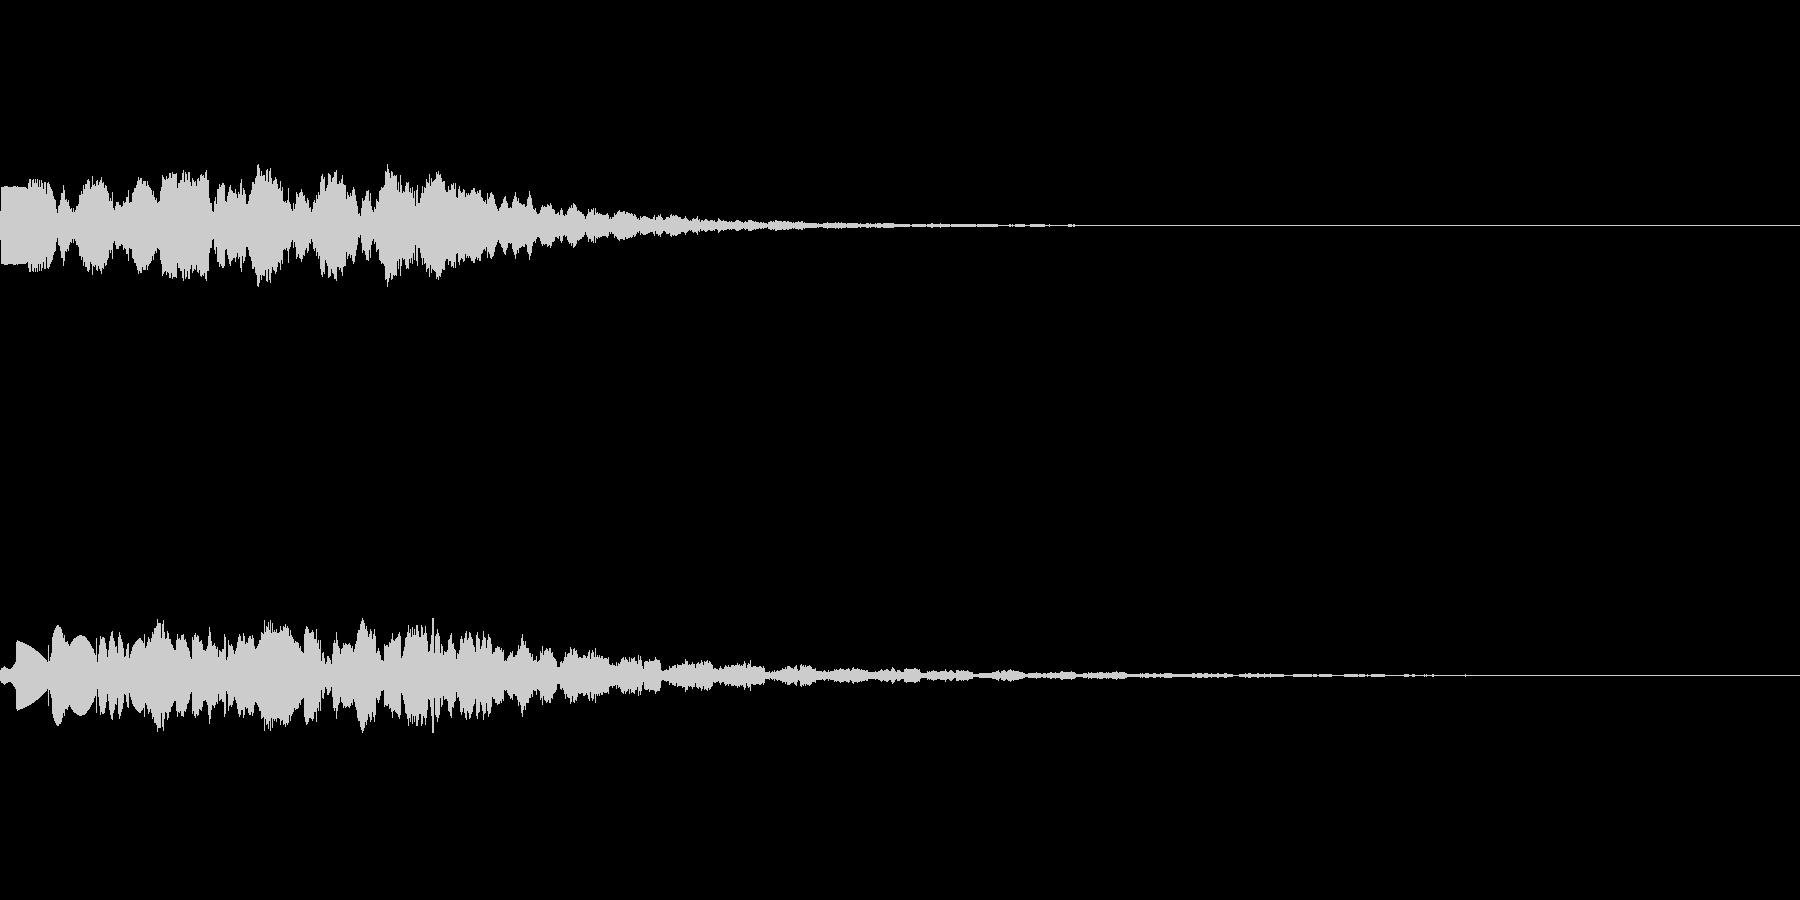 昭和の特撮にありそうな未来・ワープ音の未再生の波形